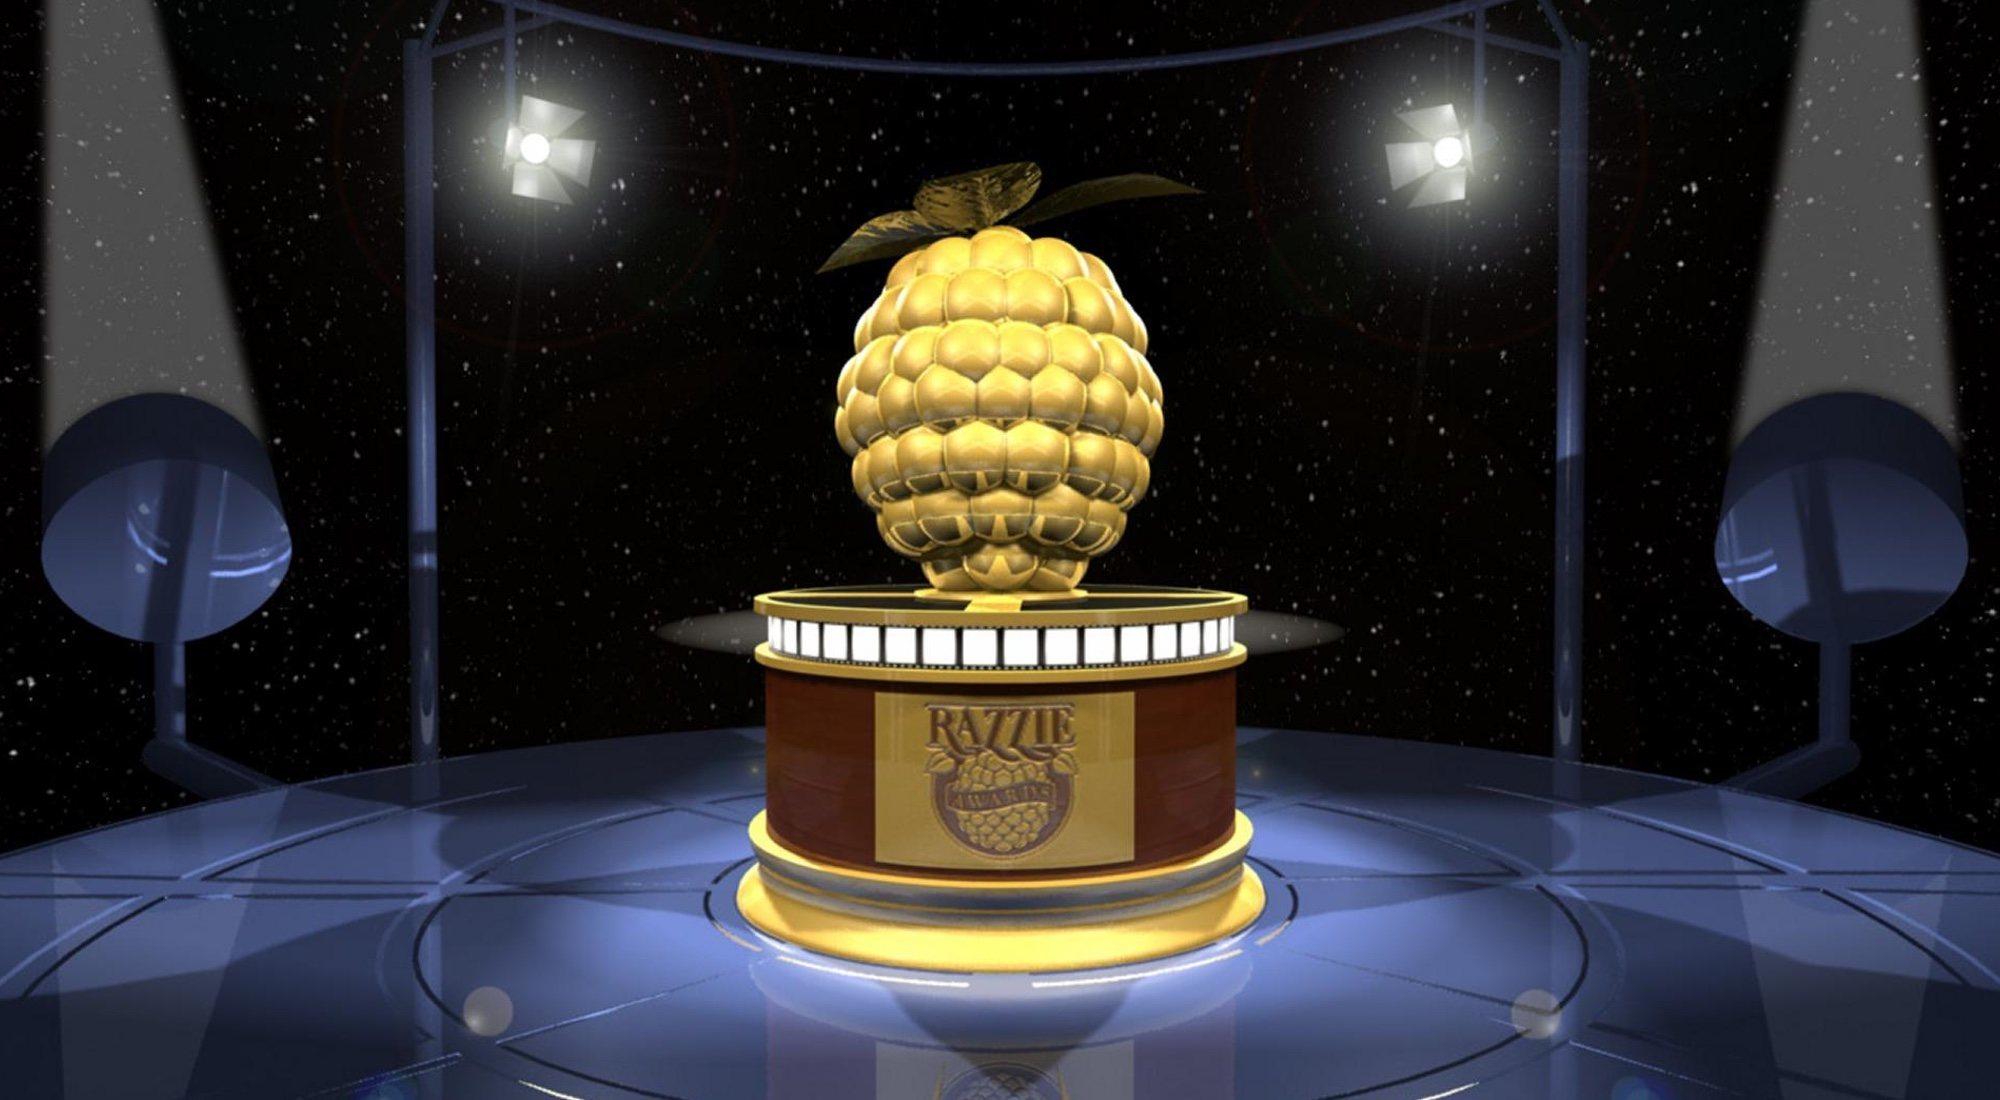 Premios Razzie: los antiOscar que celebran lo mejor de lo peor del cine